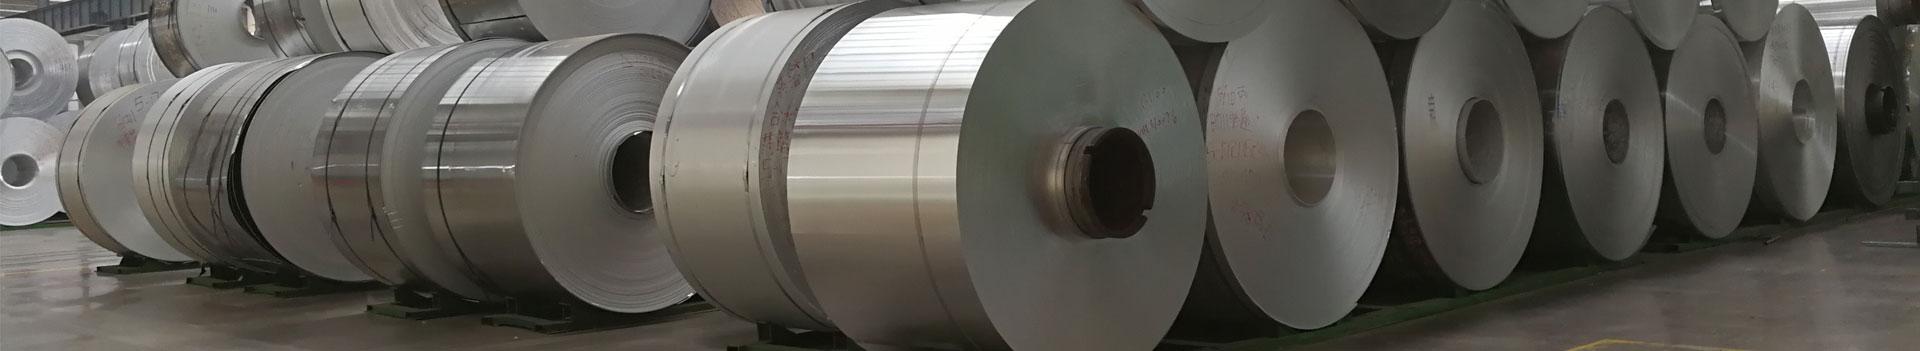 郑州恒众重工机械制造有限公司